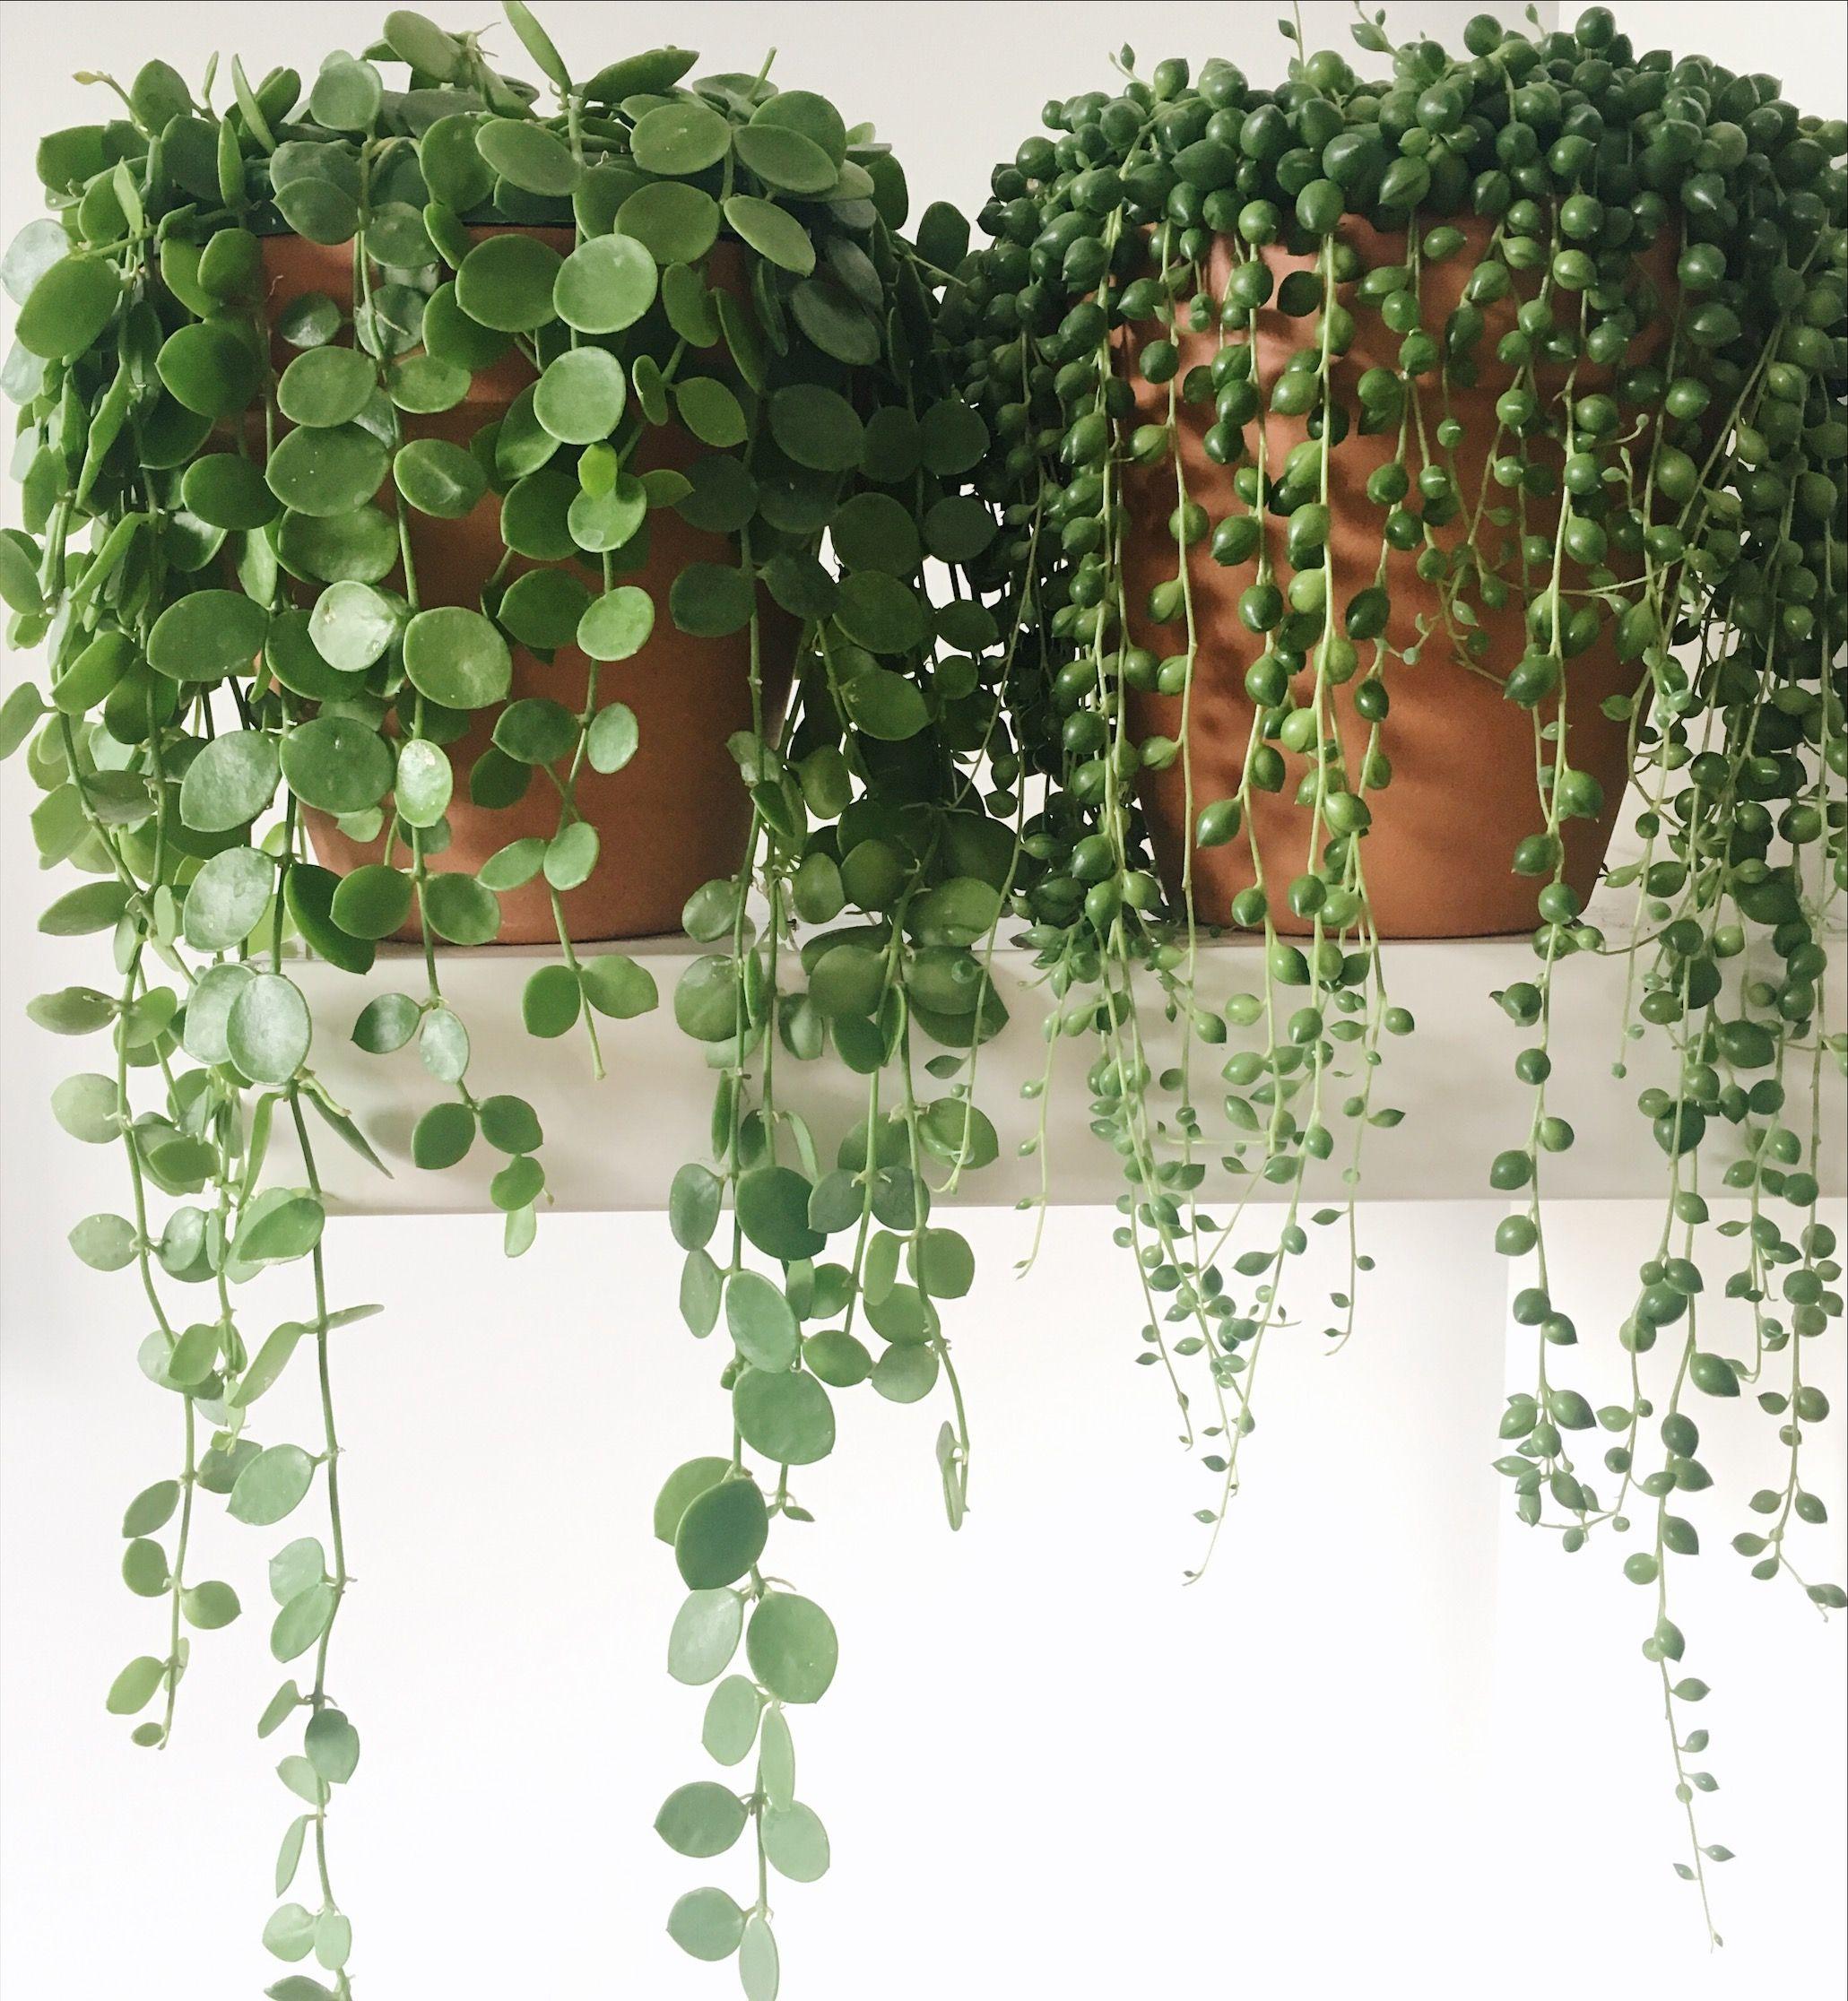 Piante Rampicanti Da Interno pin di arianna marsotto su cactaceae et al. | piante da